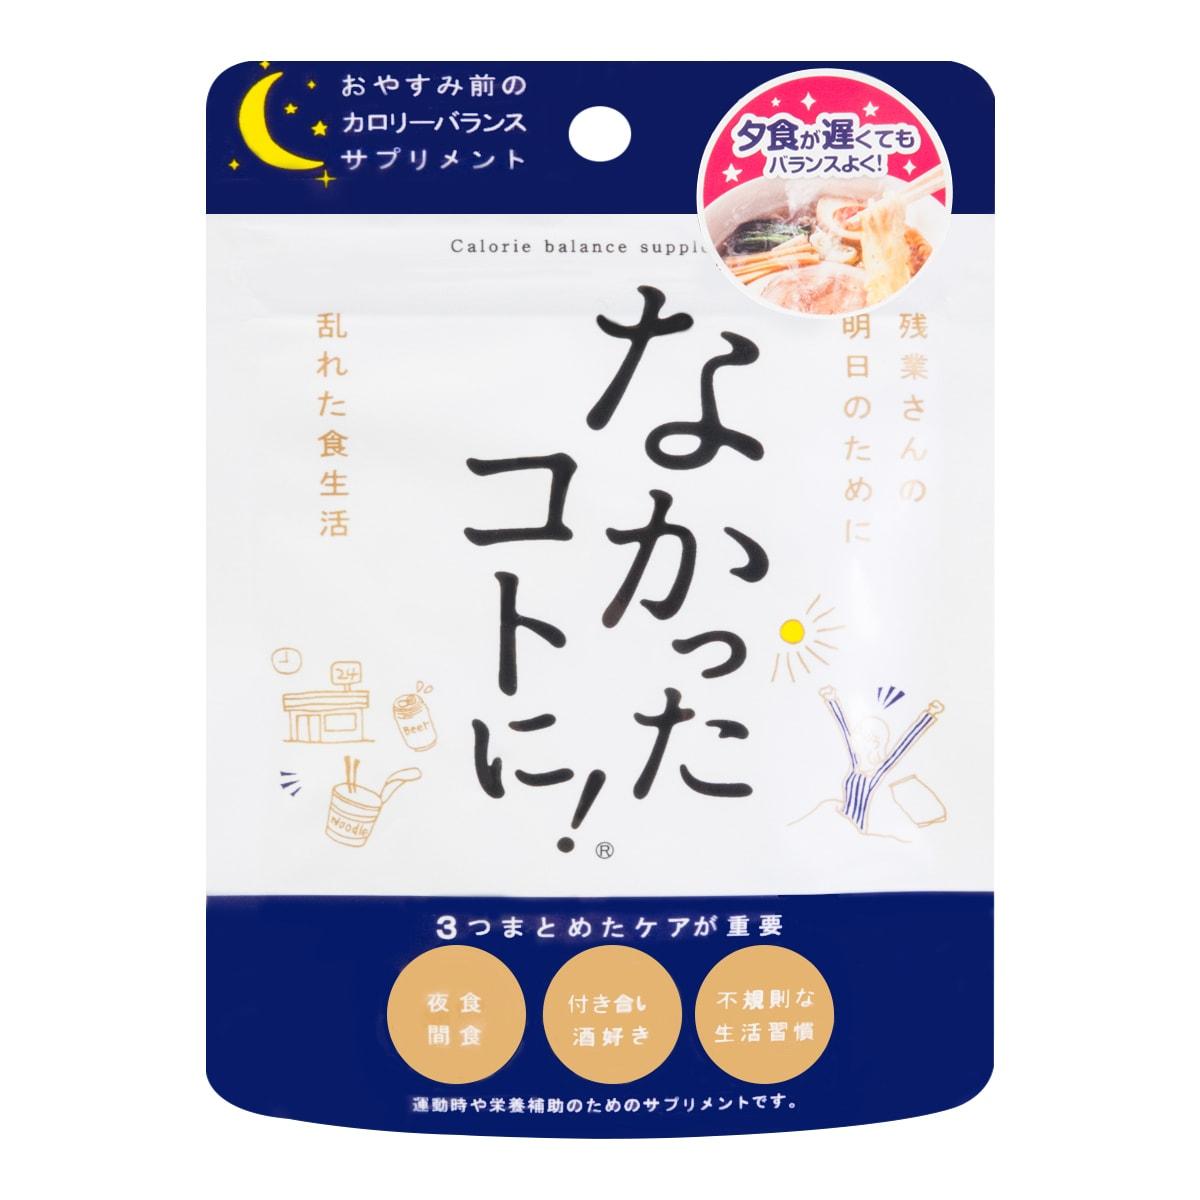 STUDIO GRAPHICO Night Multi Diet Supplement 11.7g